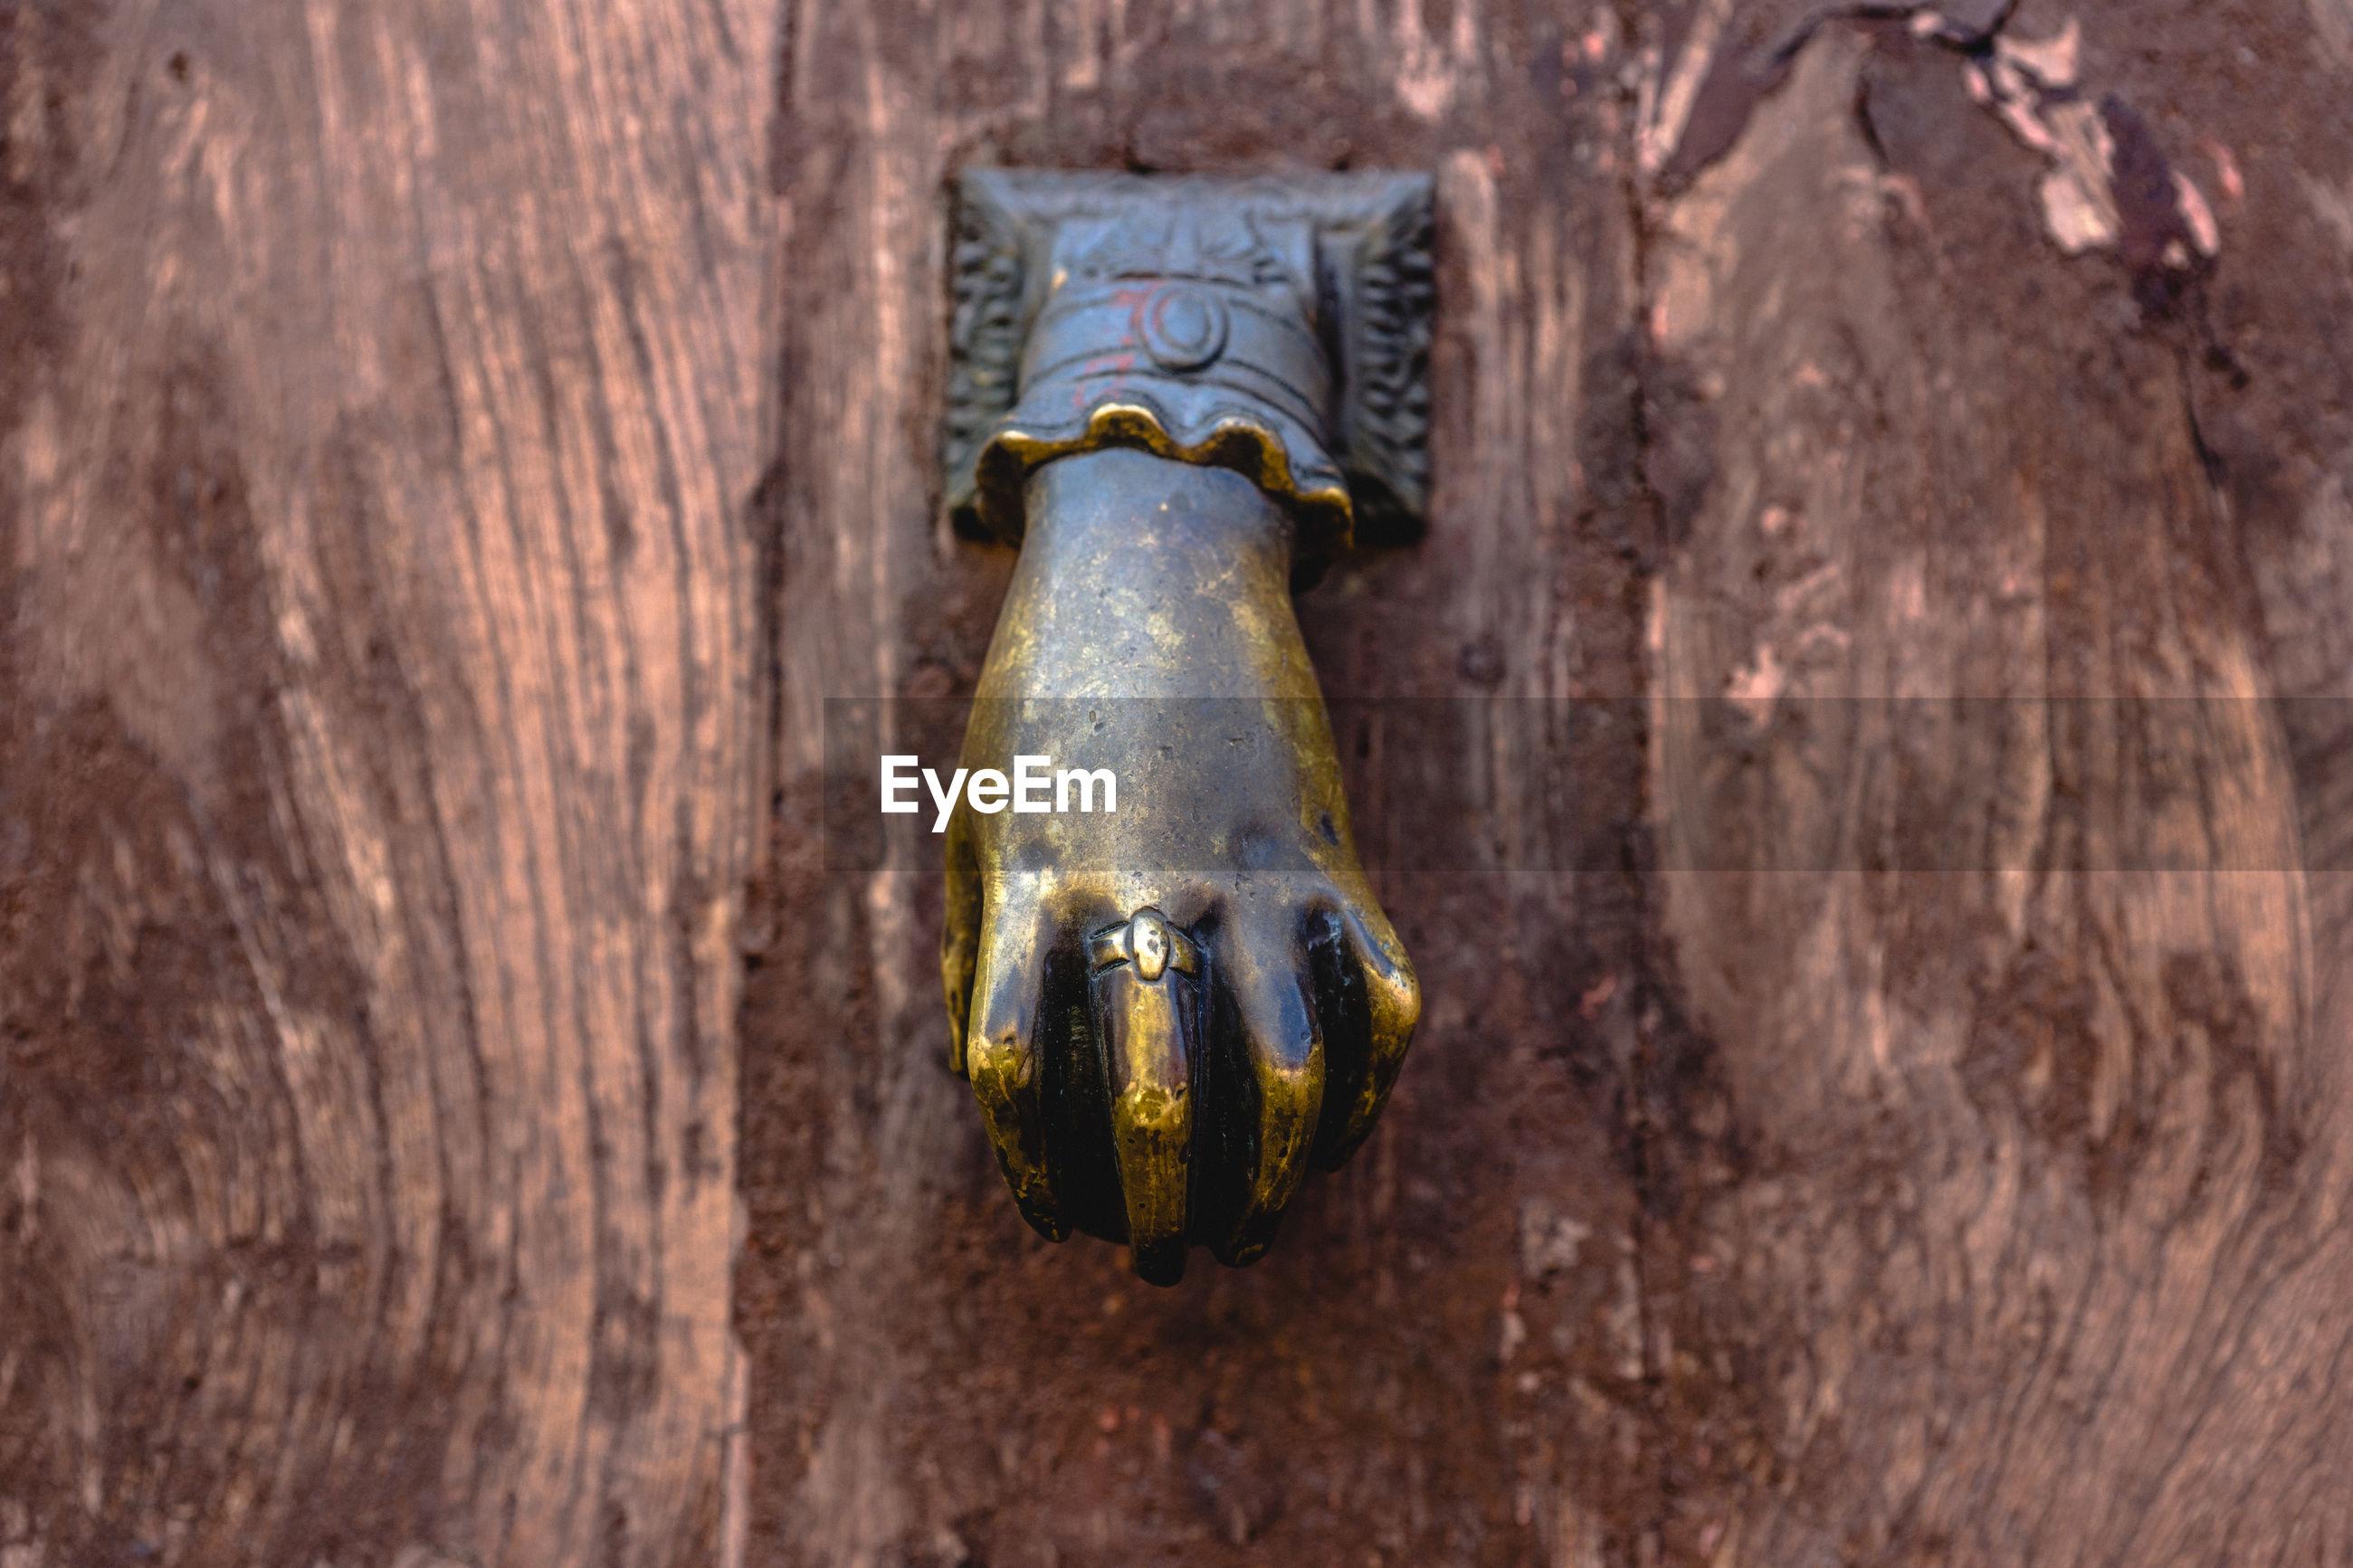 CLOSE-UP OF DOOR KNOCKER ON METAL